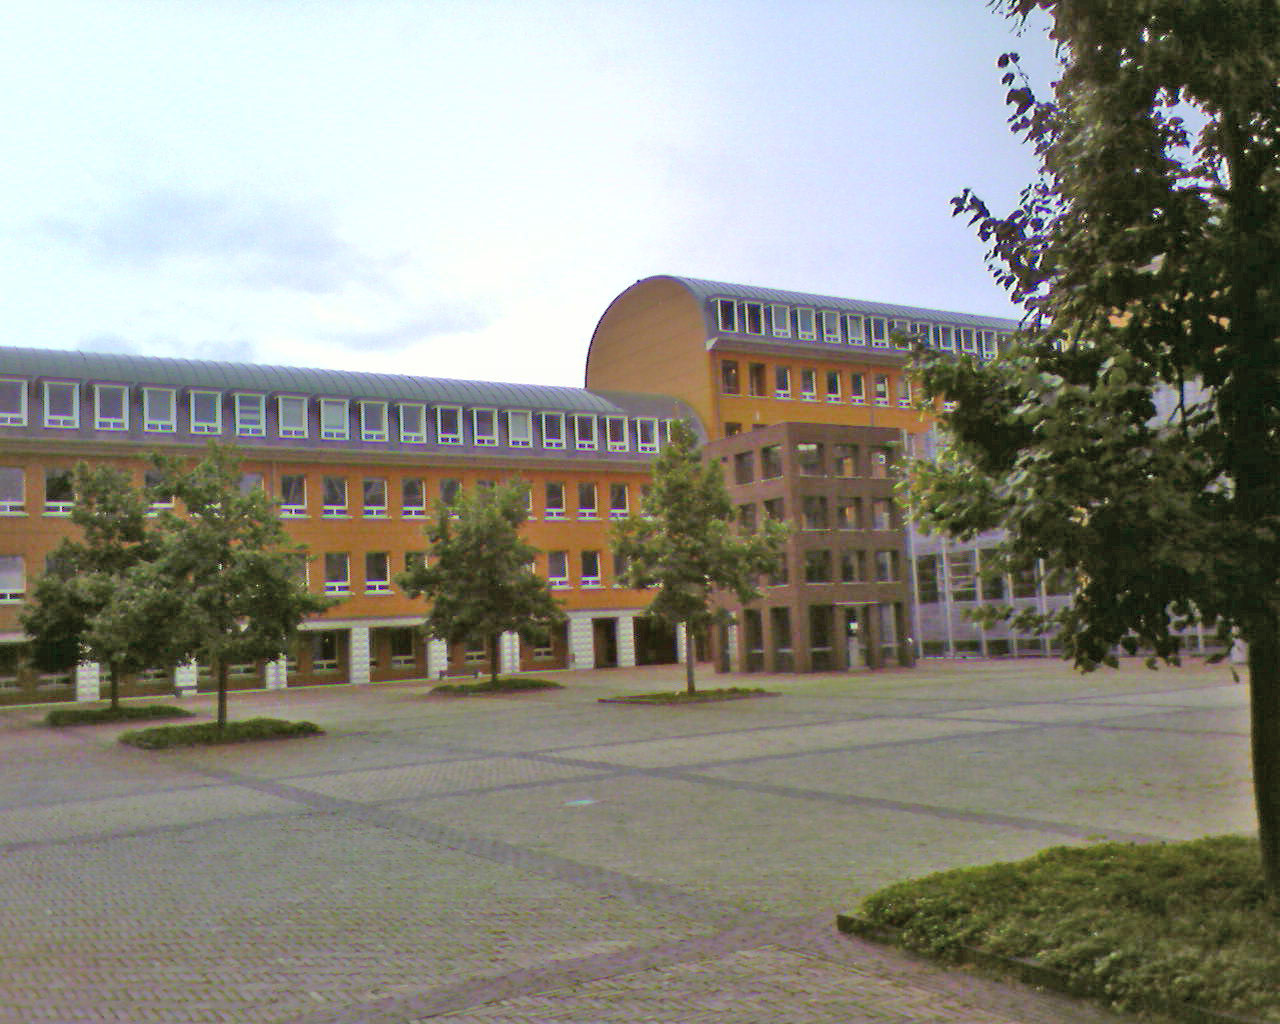 Paleis van Justitie, Amsterdam